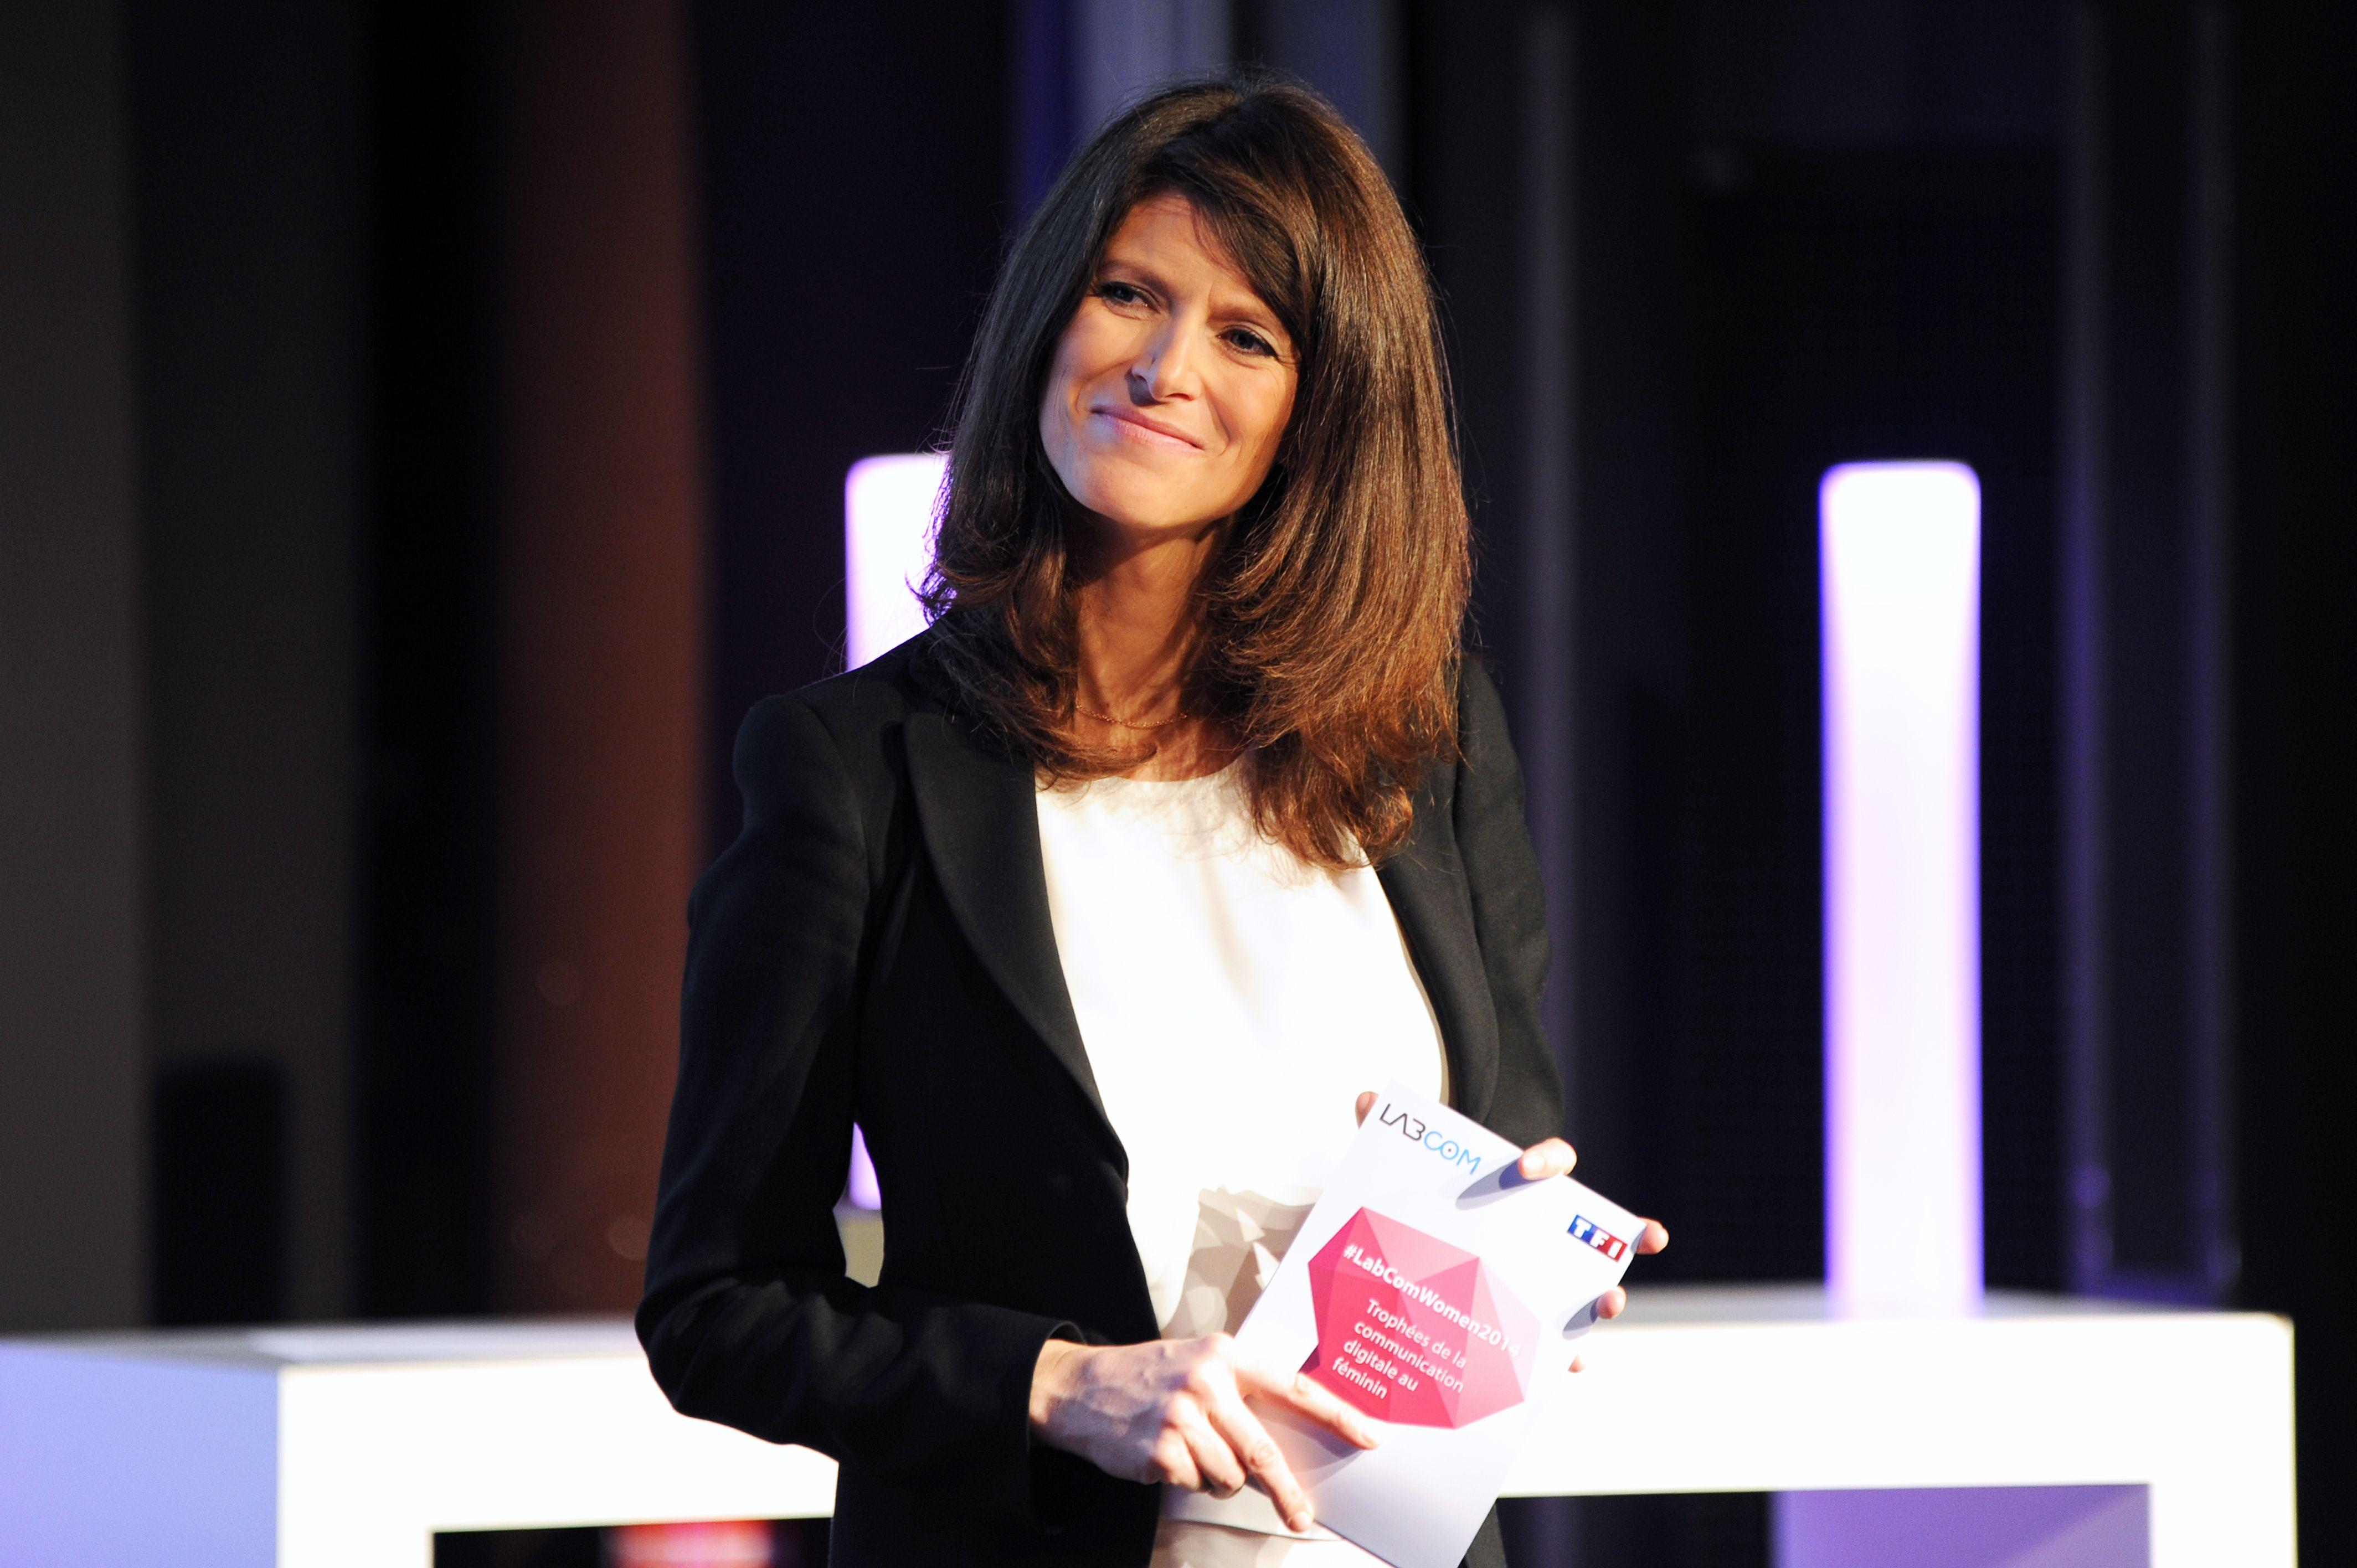 Trophées de la Communication Digitale au Féminin, organisés par TF1 & Labcom - 23/10/2014 #LabcomWomen #CommunicationDigitale #LCI